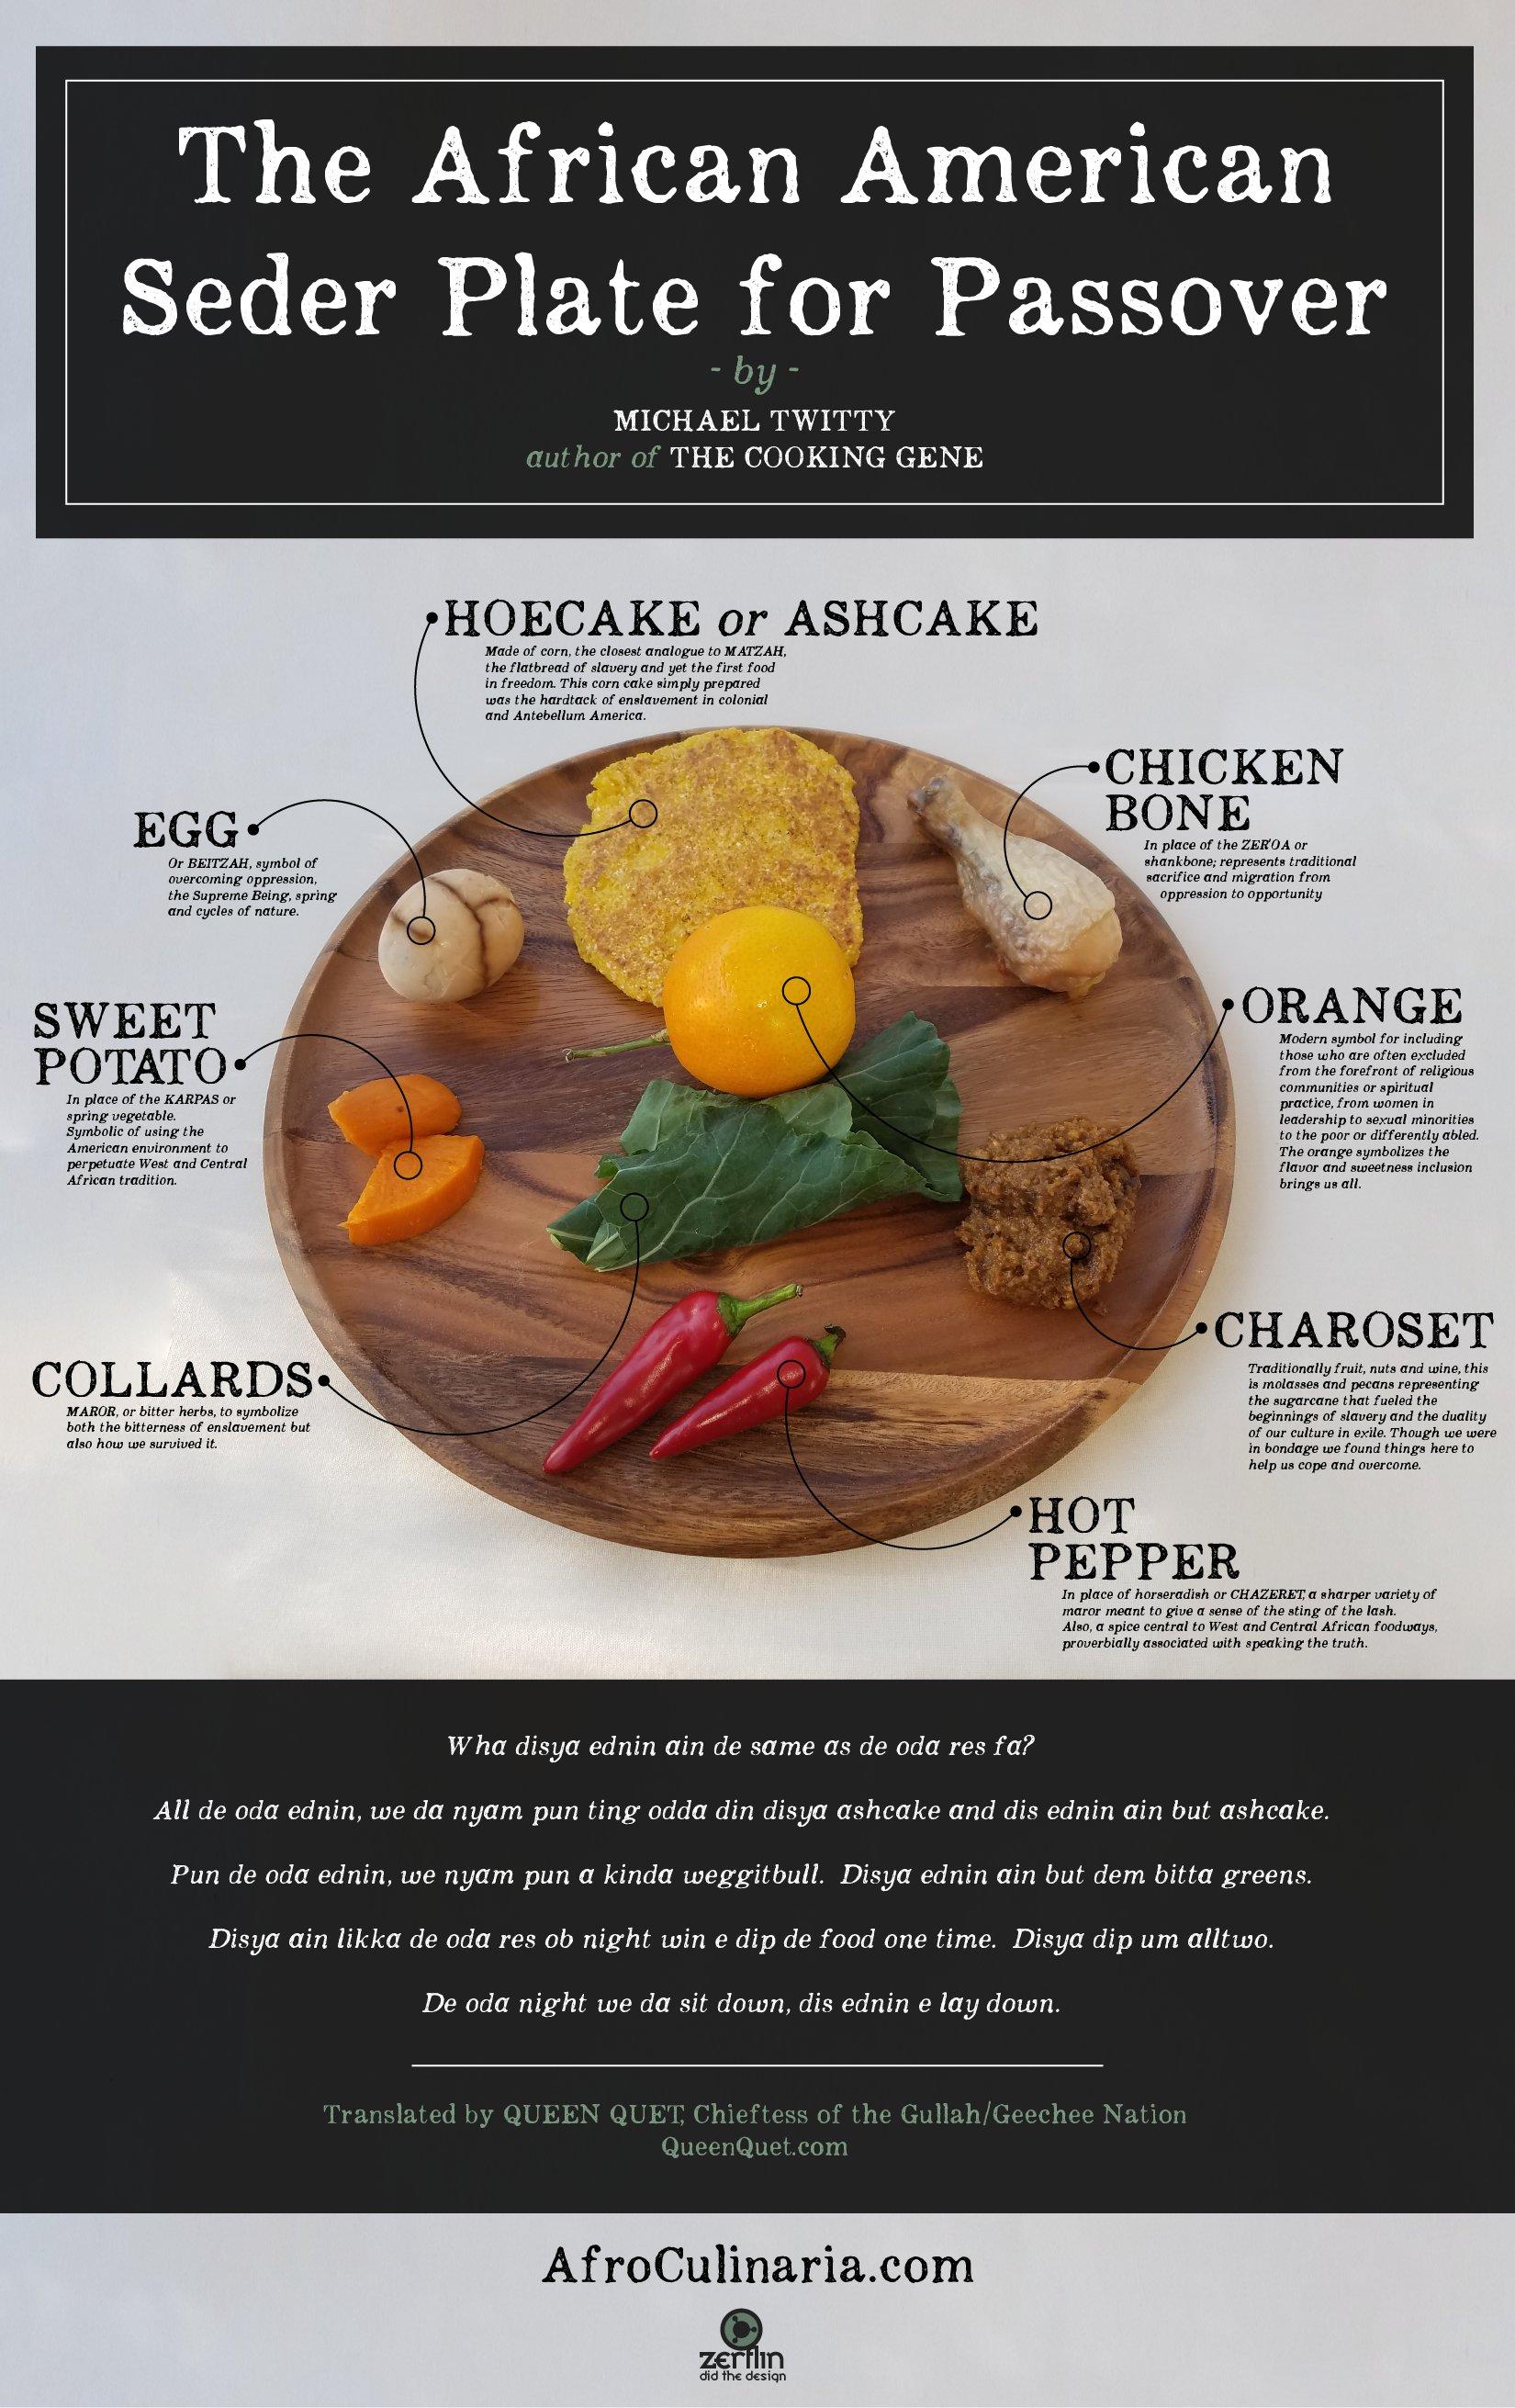 African American Seder Plate